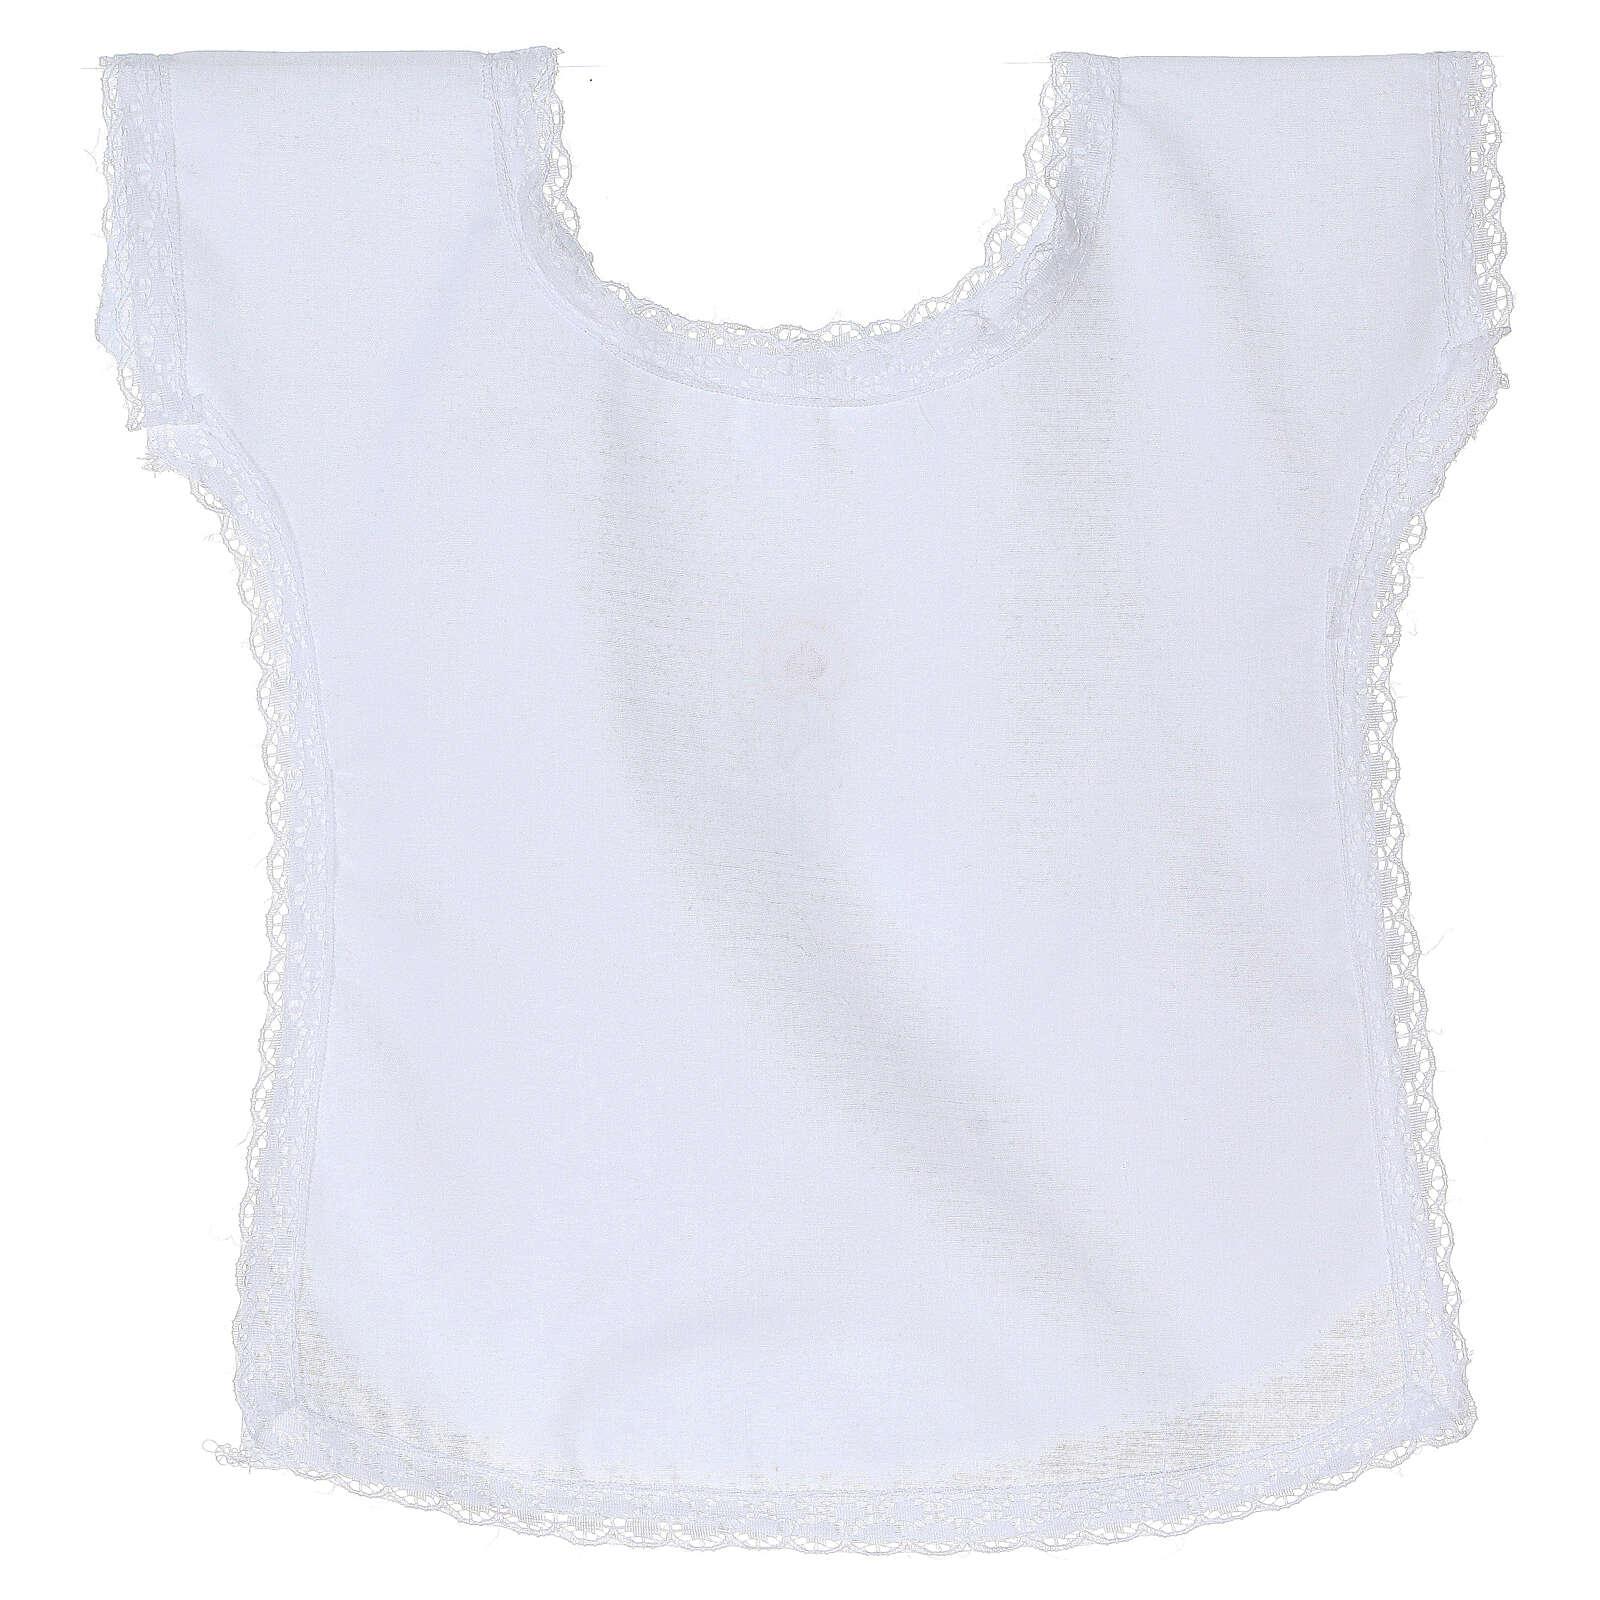 Koszulki do chrztu 4